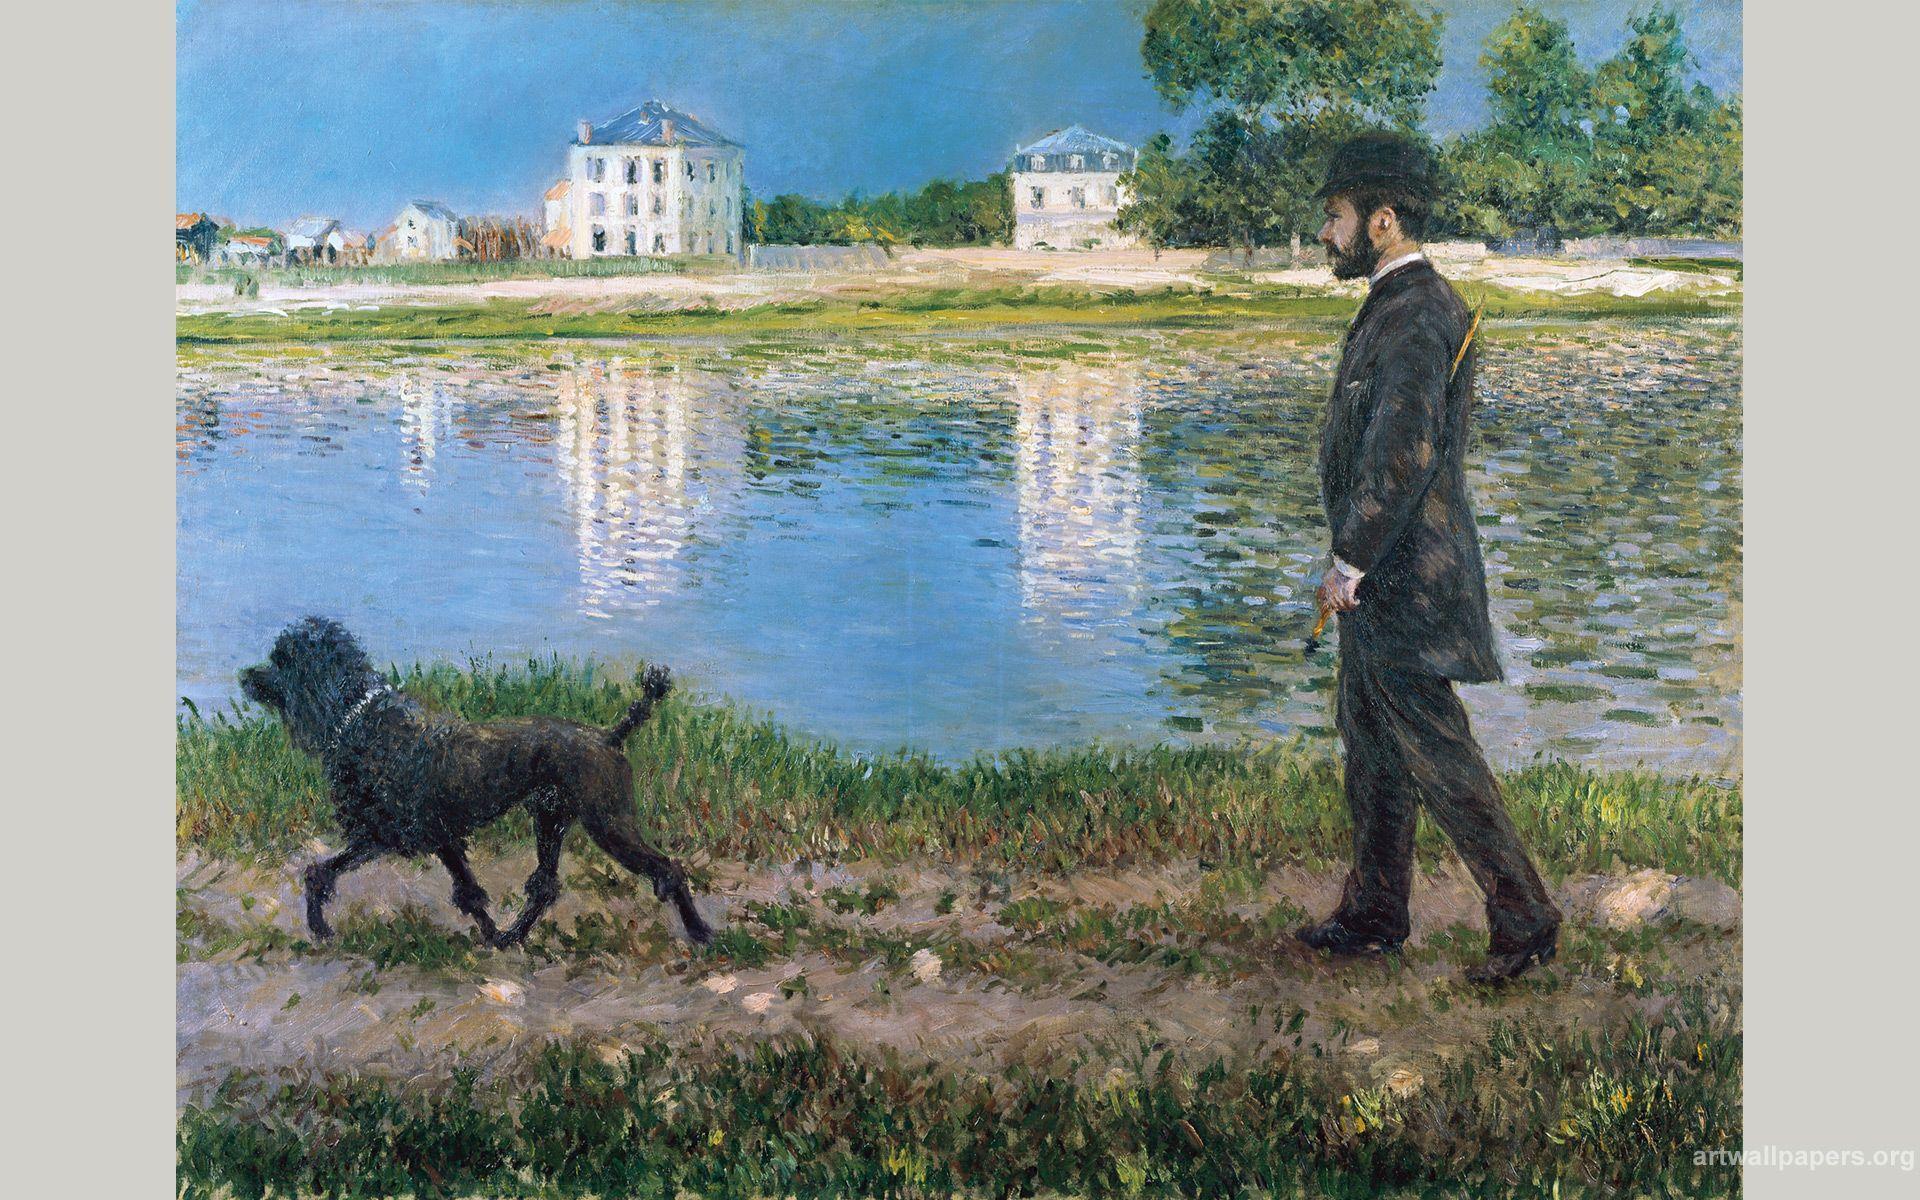 1920x1200 Hình nền Gustave Caillebotte, Hình nền bức tranh nghệ thuật